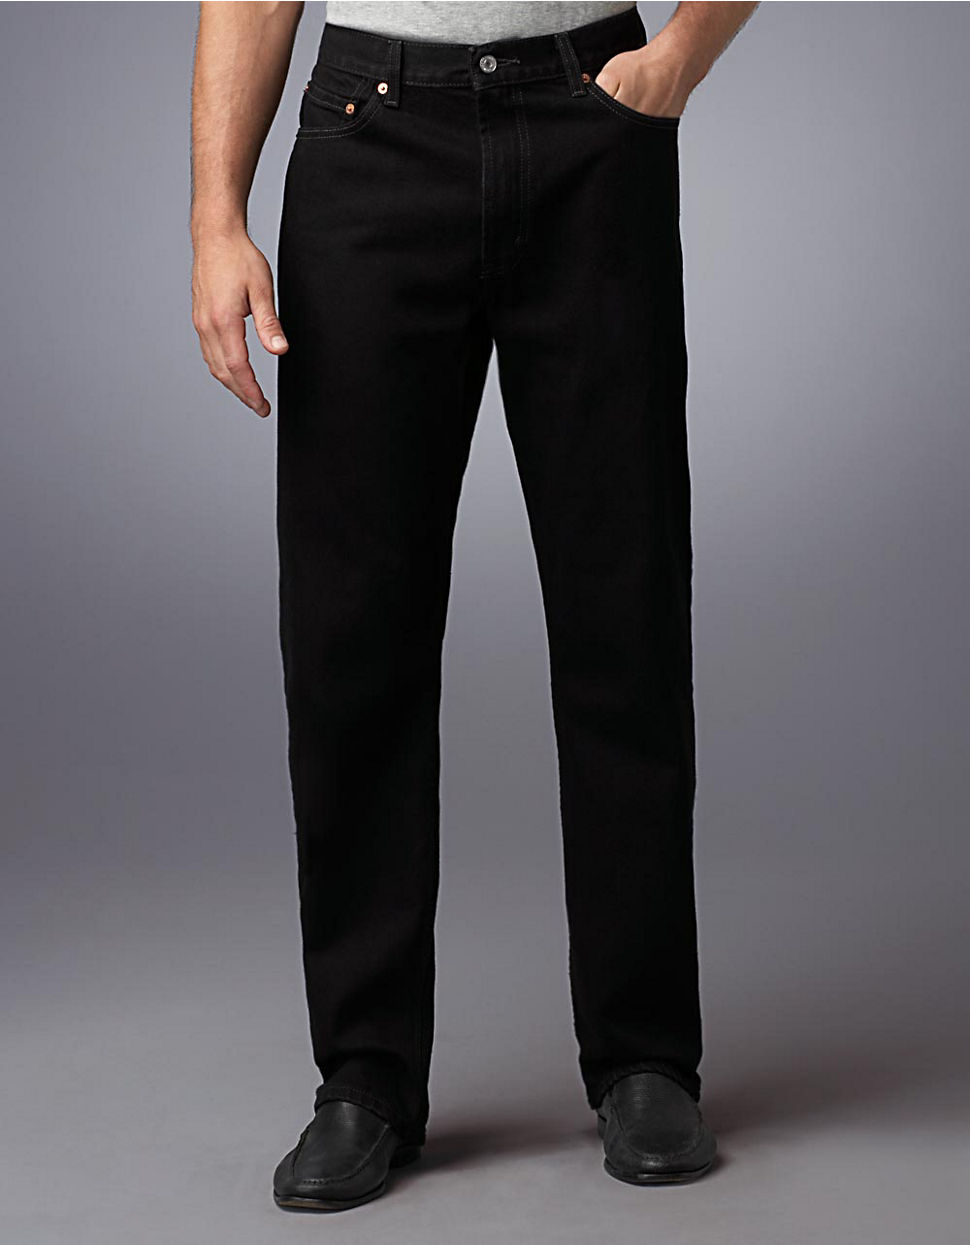 Levis Mens Bootcut Jeans